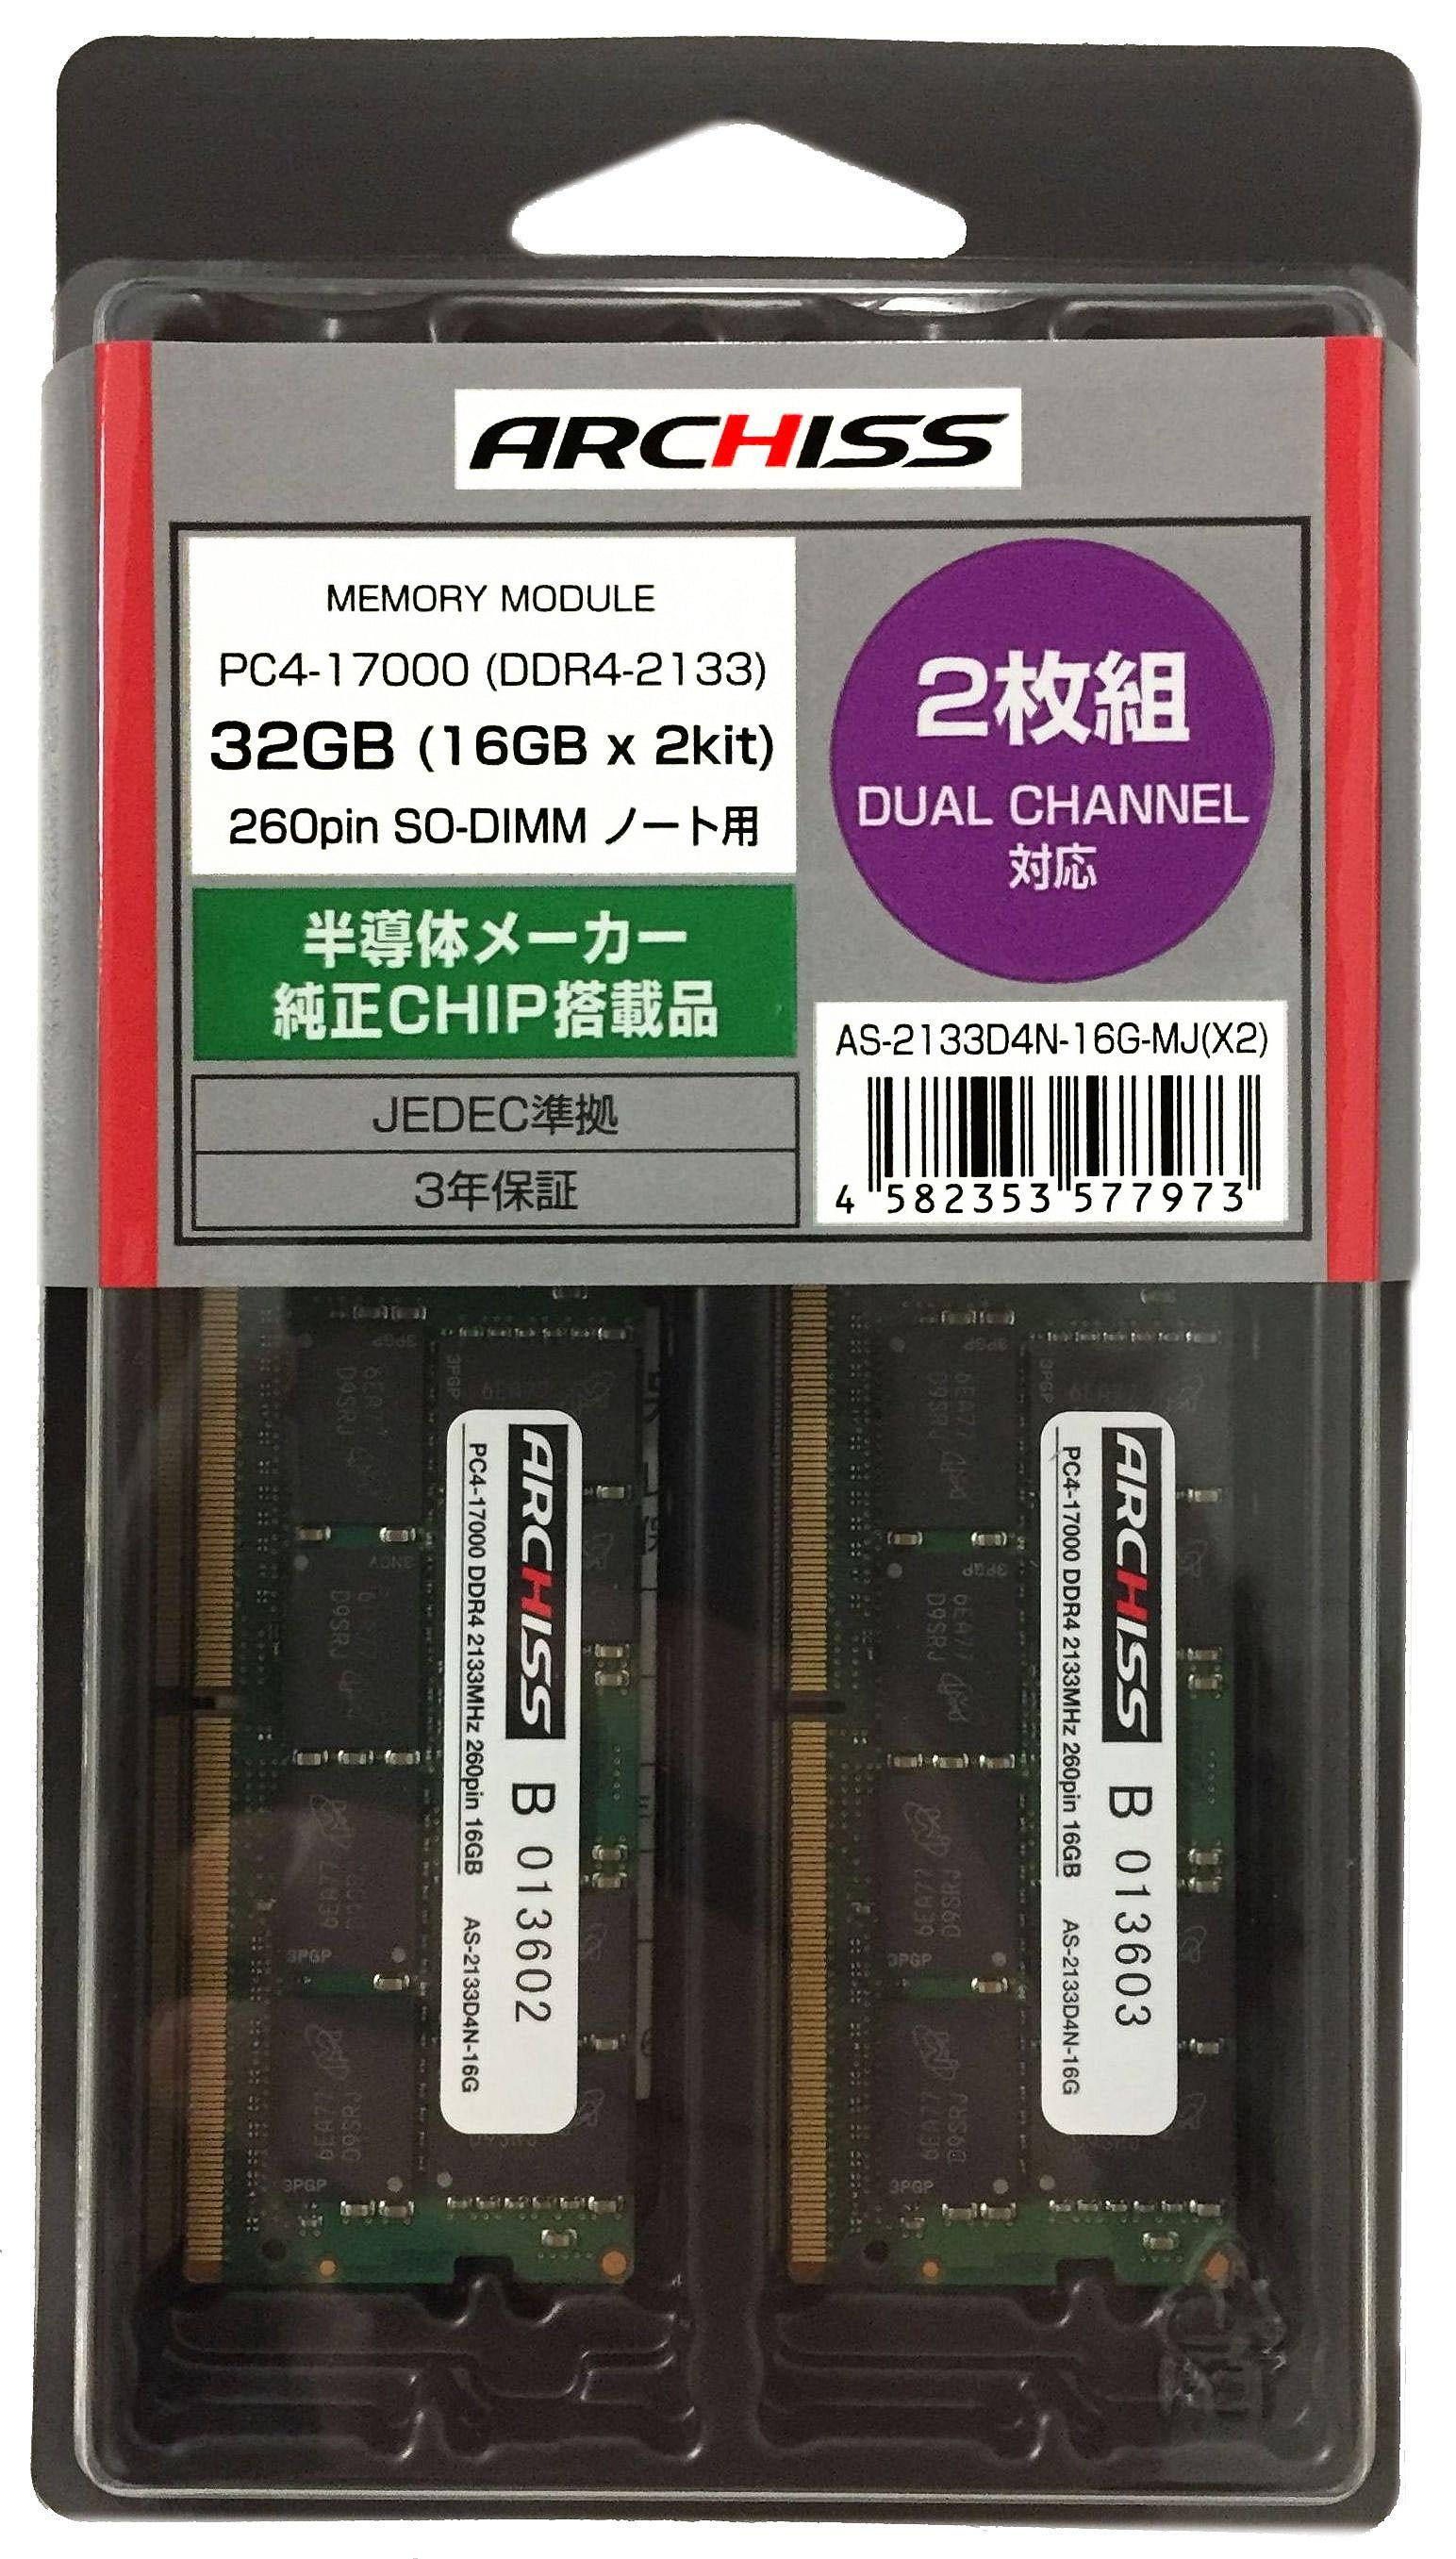 AS-2133D4N-8G-MJ(X2)